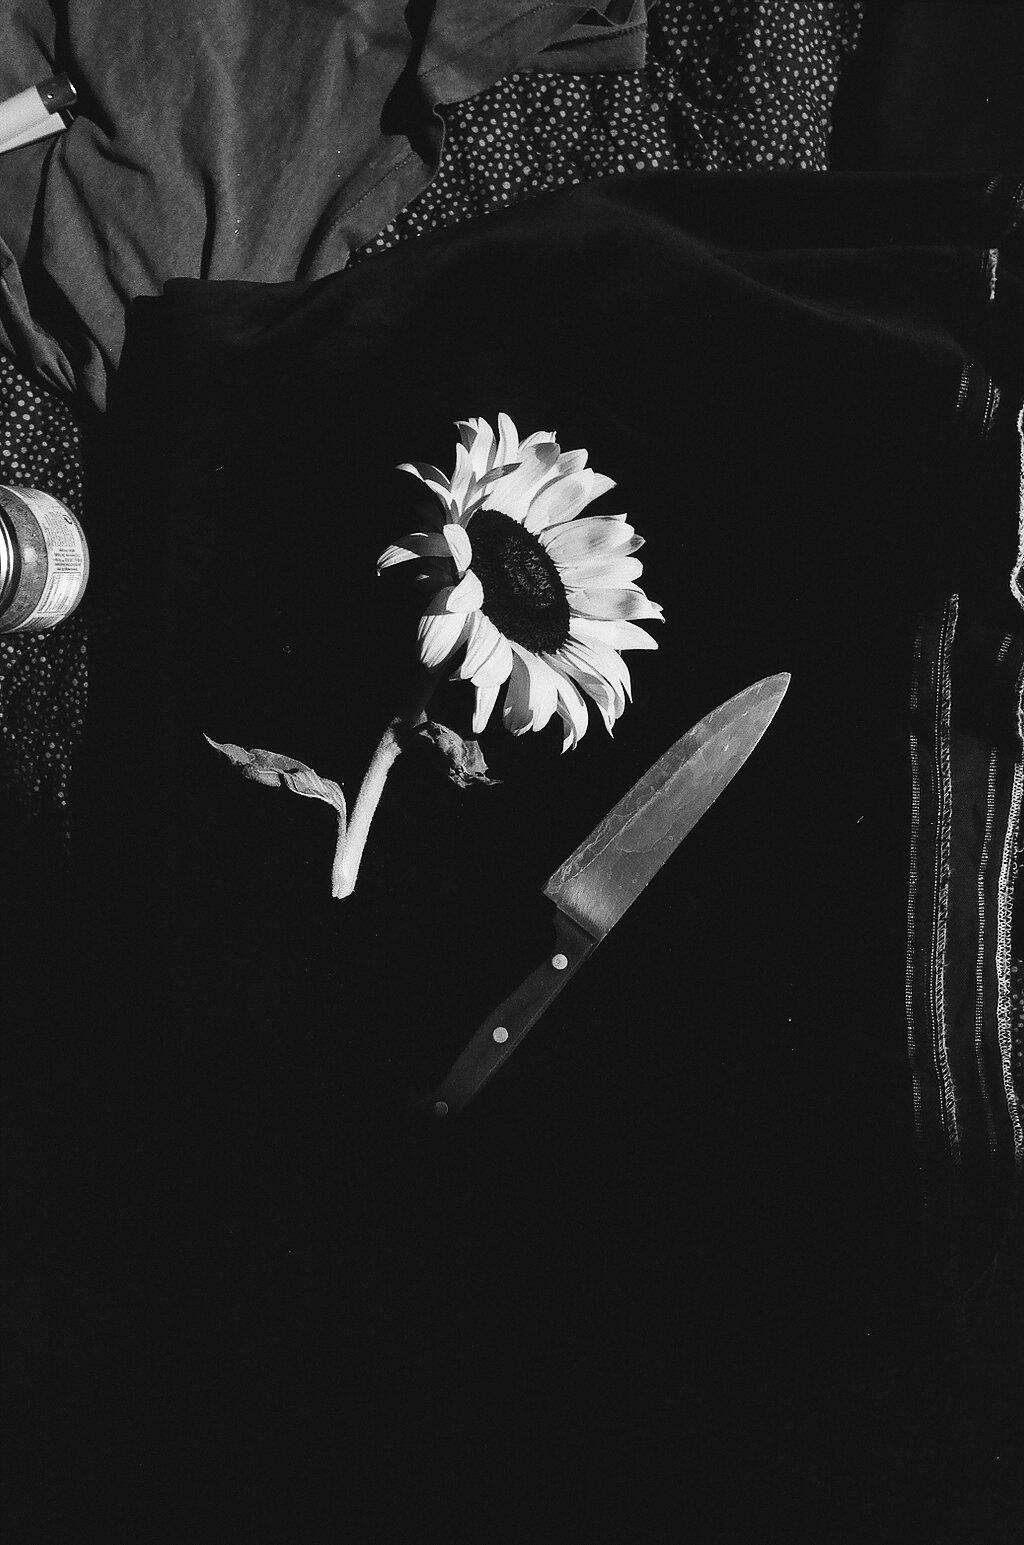 'Still Knife' 2018